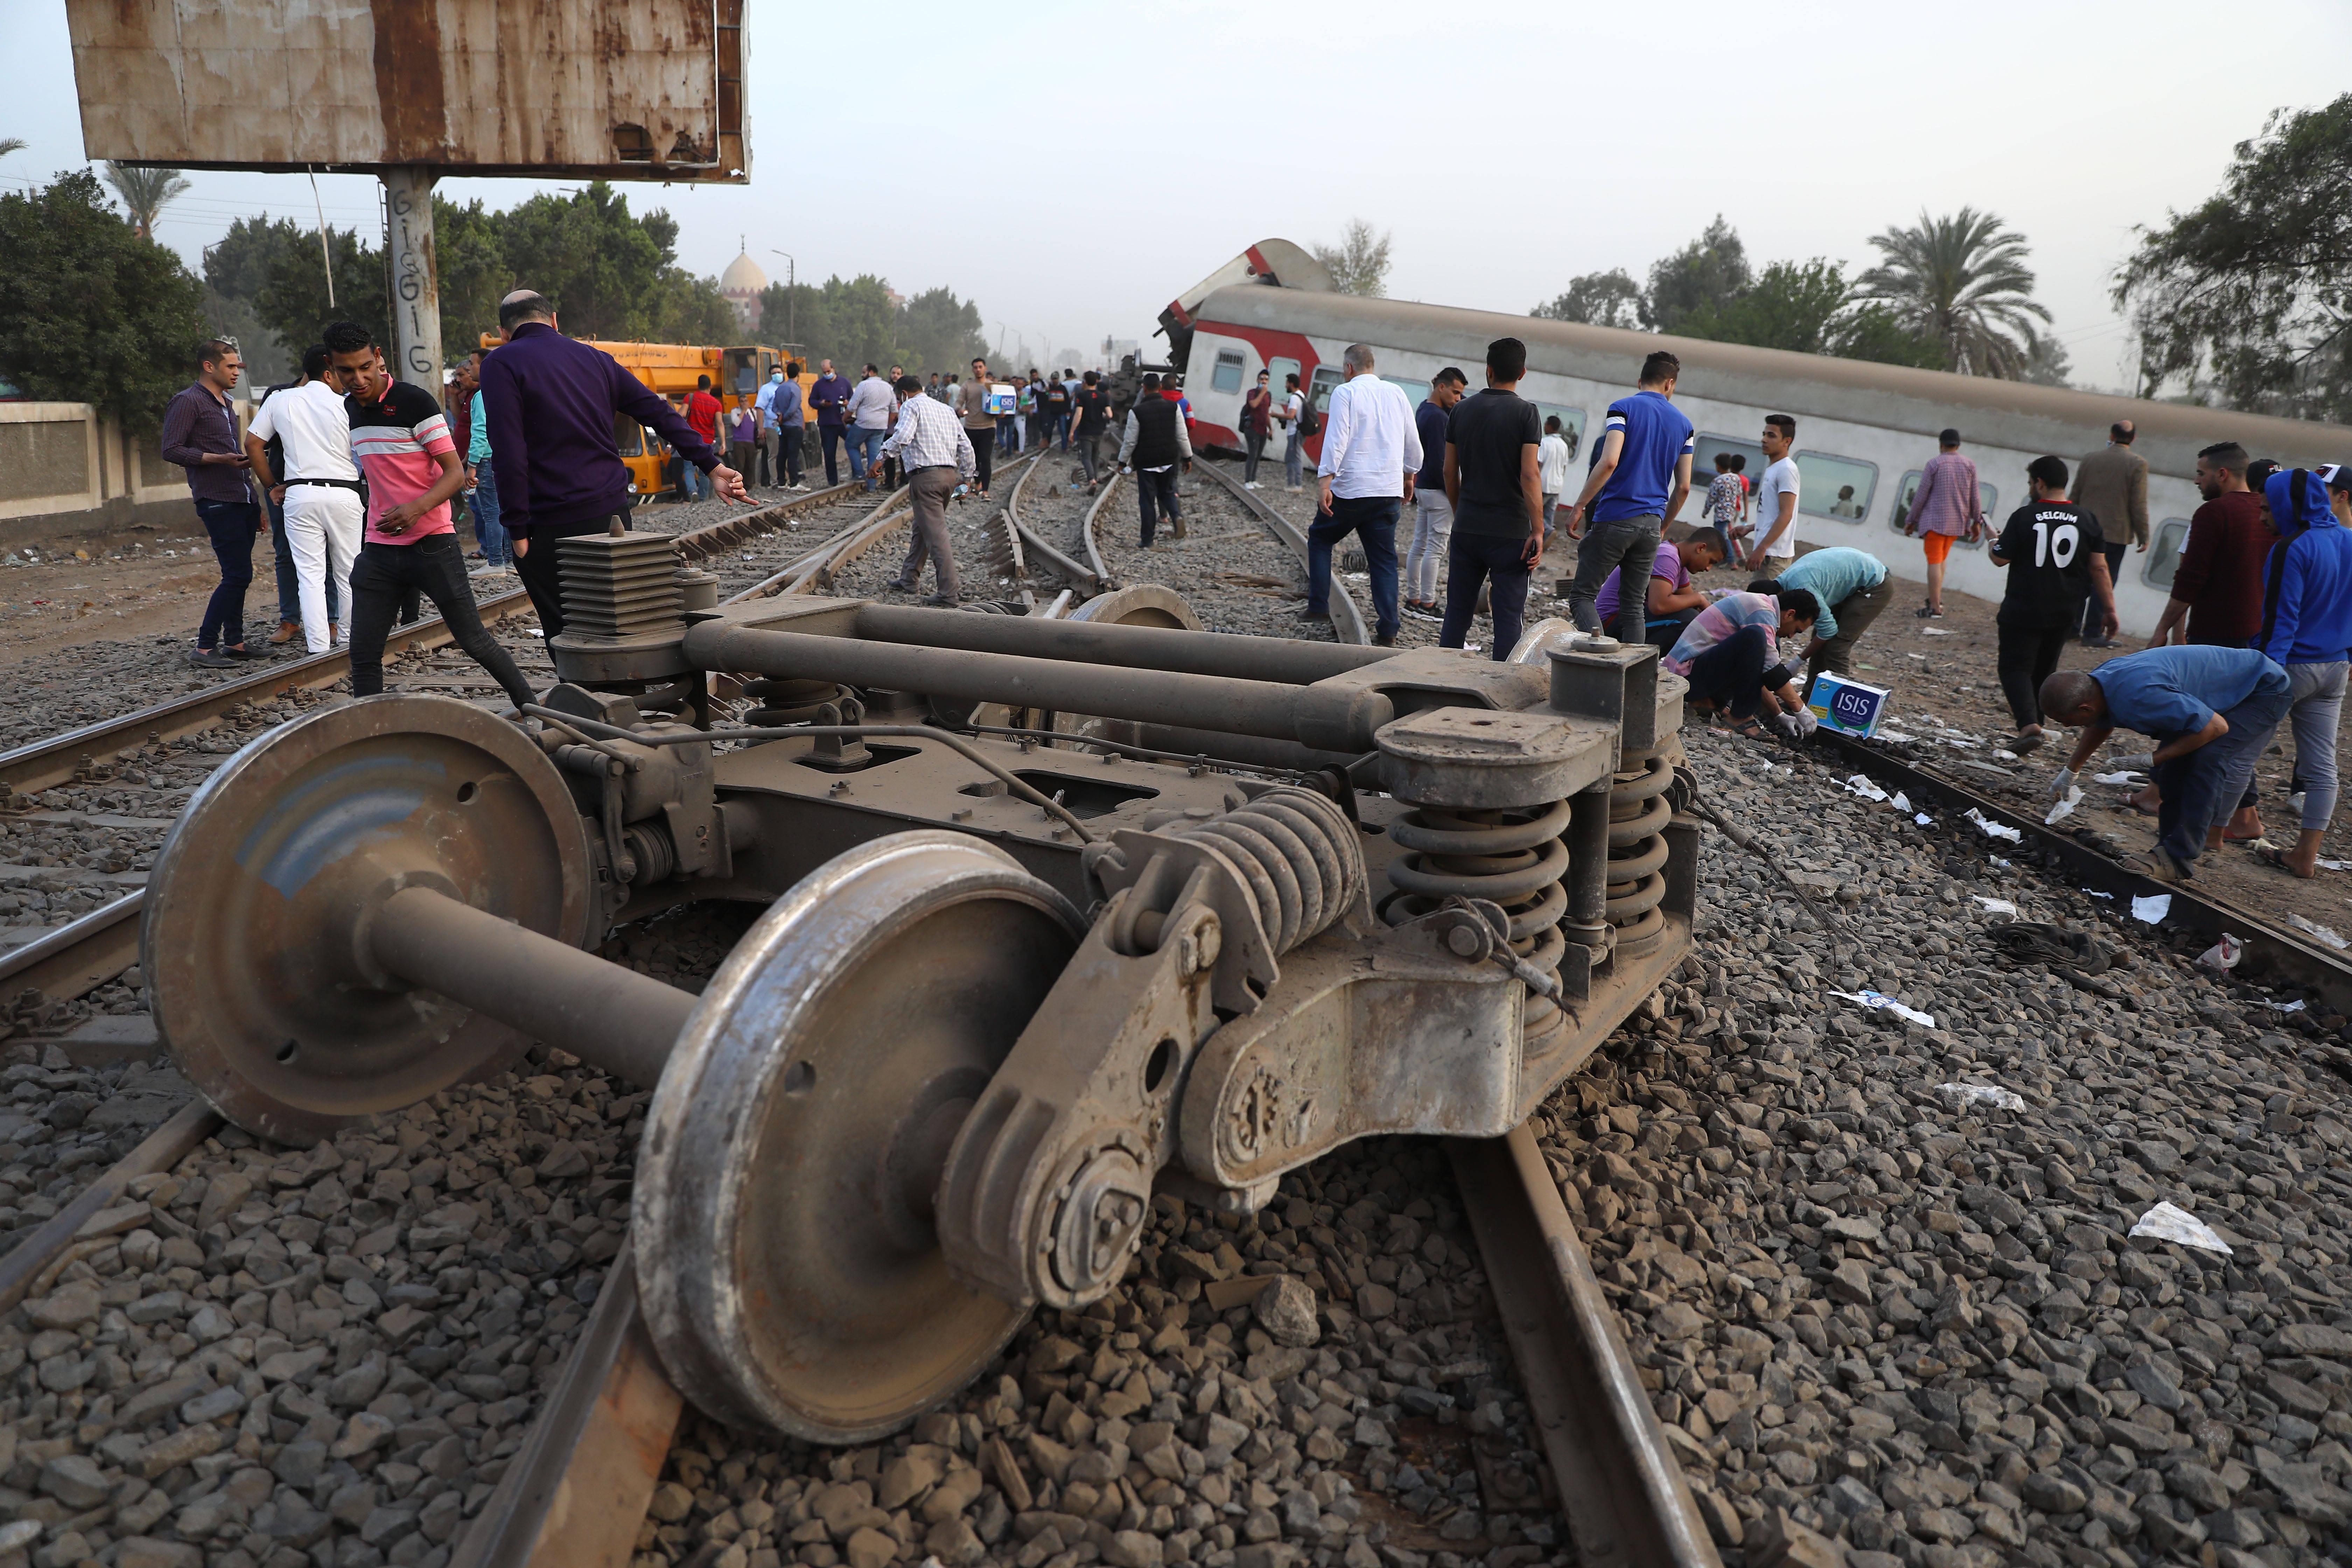 埃及列车脱轨事故造成至少11人死亡